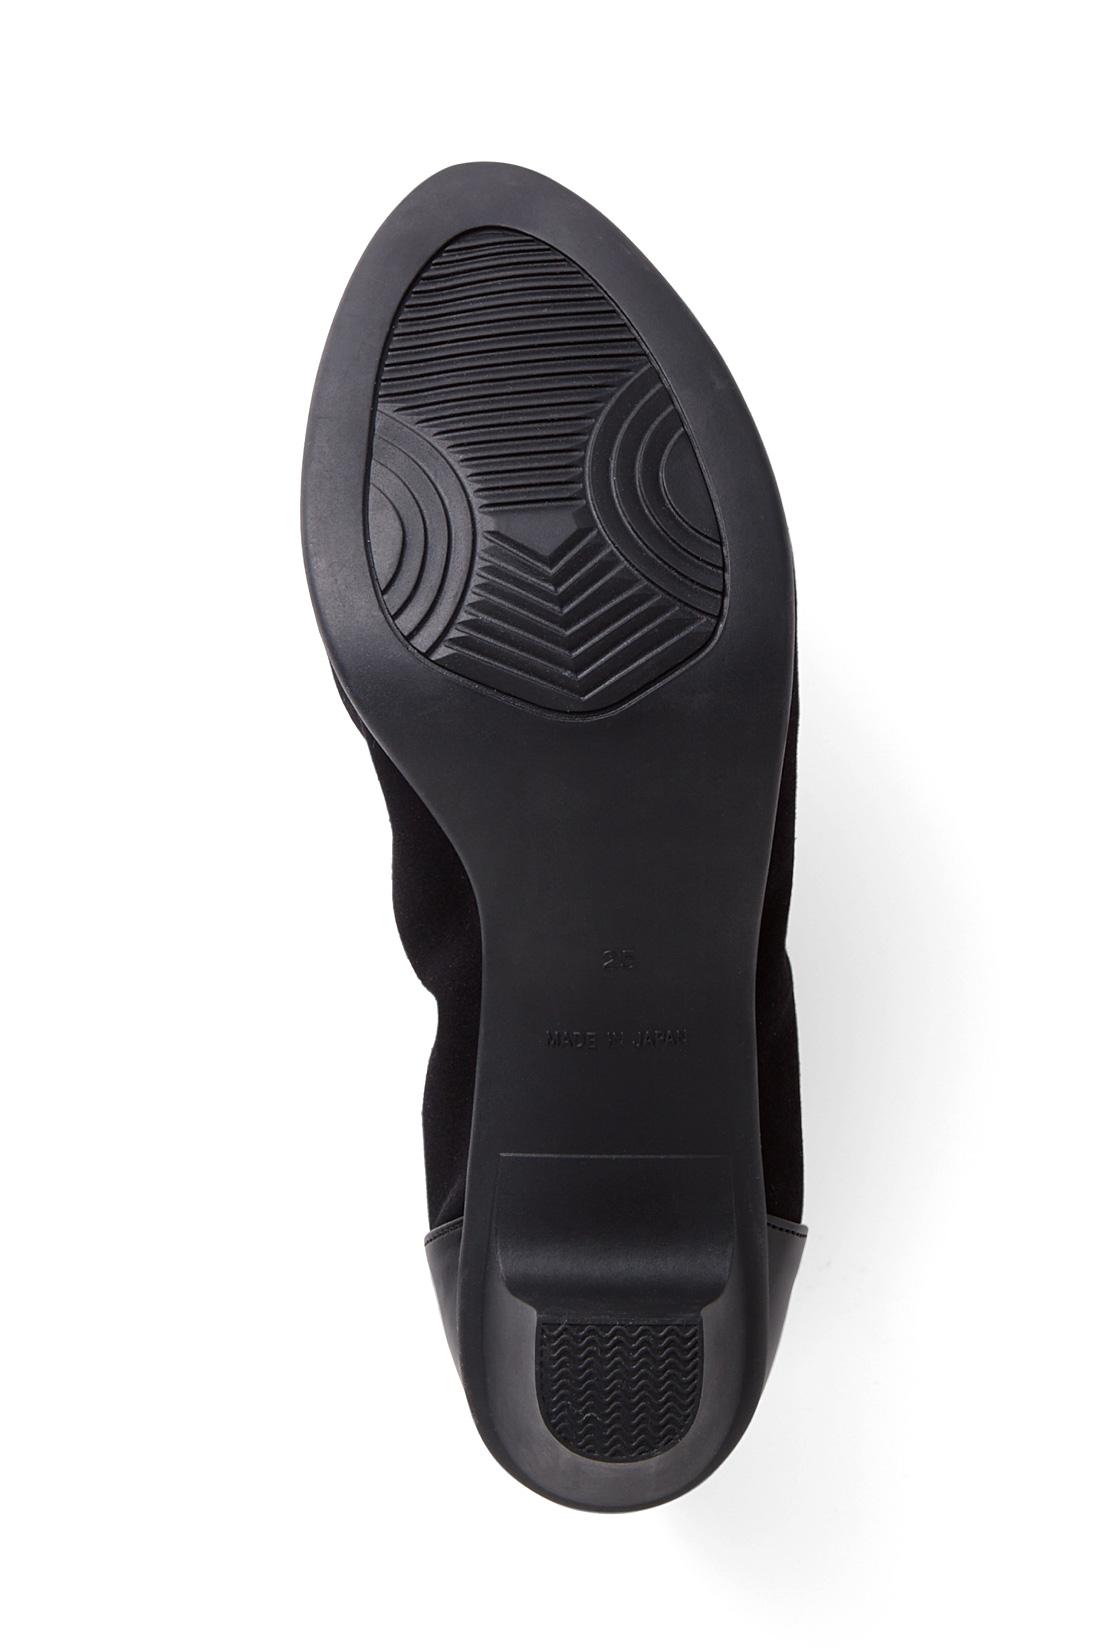 <スニーカー感覚>足の形に合わせたやわらかなゴム配合の一体型ソールなので、スニーカー感覚で履いていただけます。 ※靴底のデザインイメージです